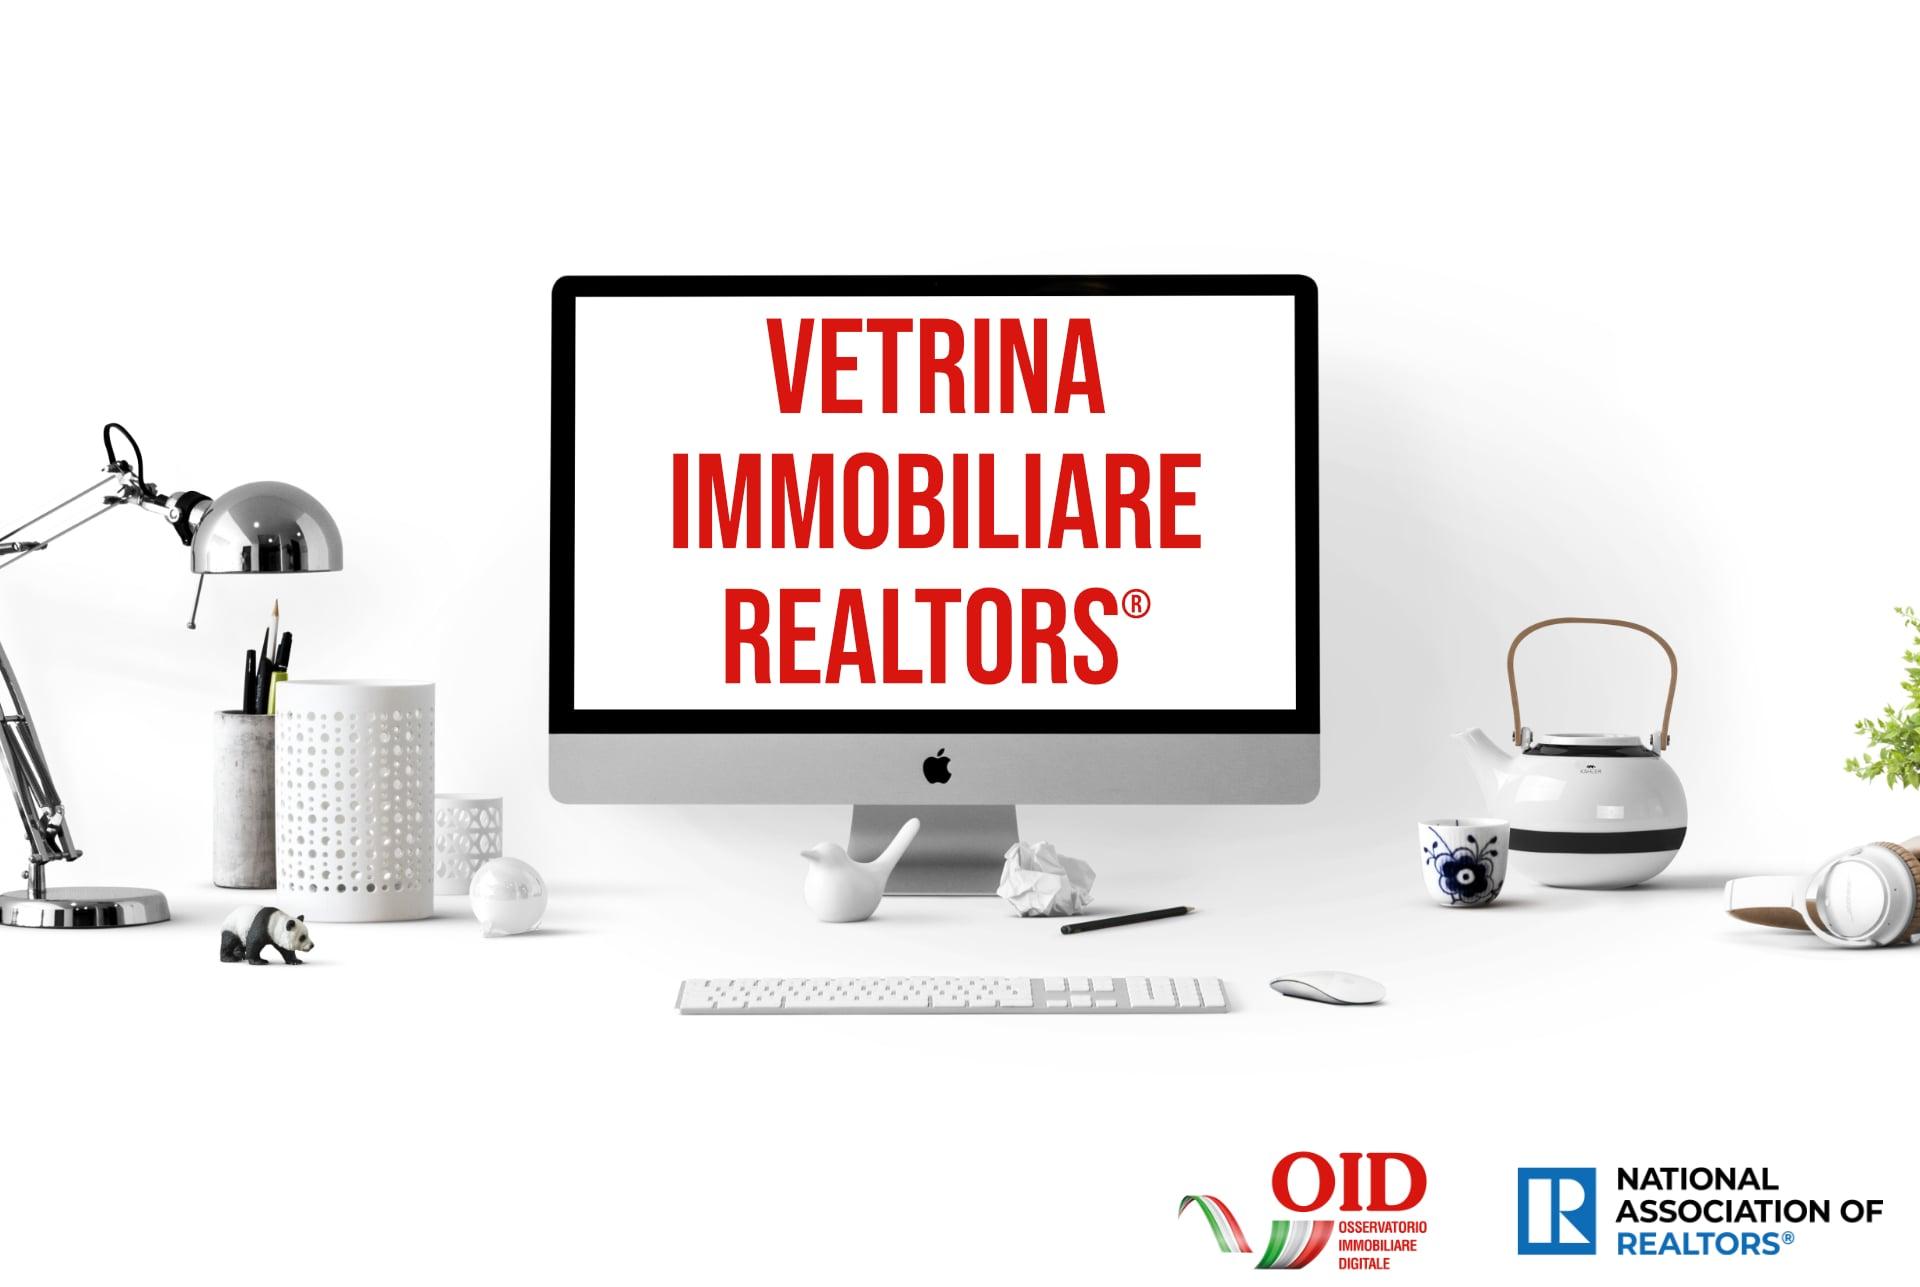 Vetrina Immobiliare e Forum Realtors®